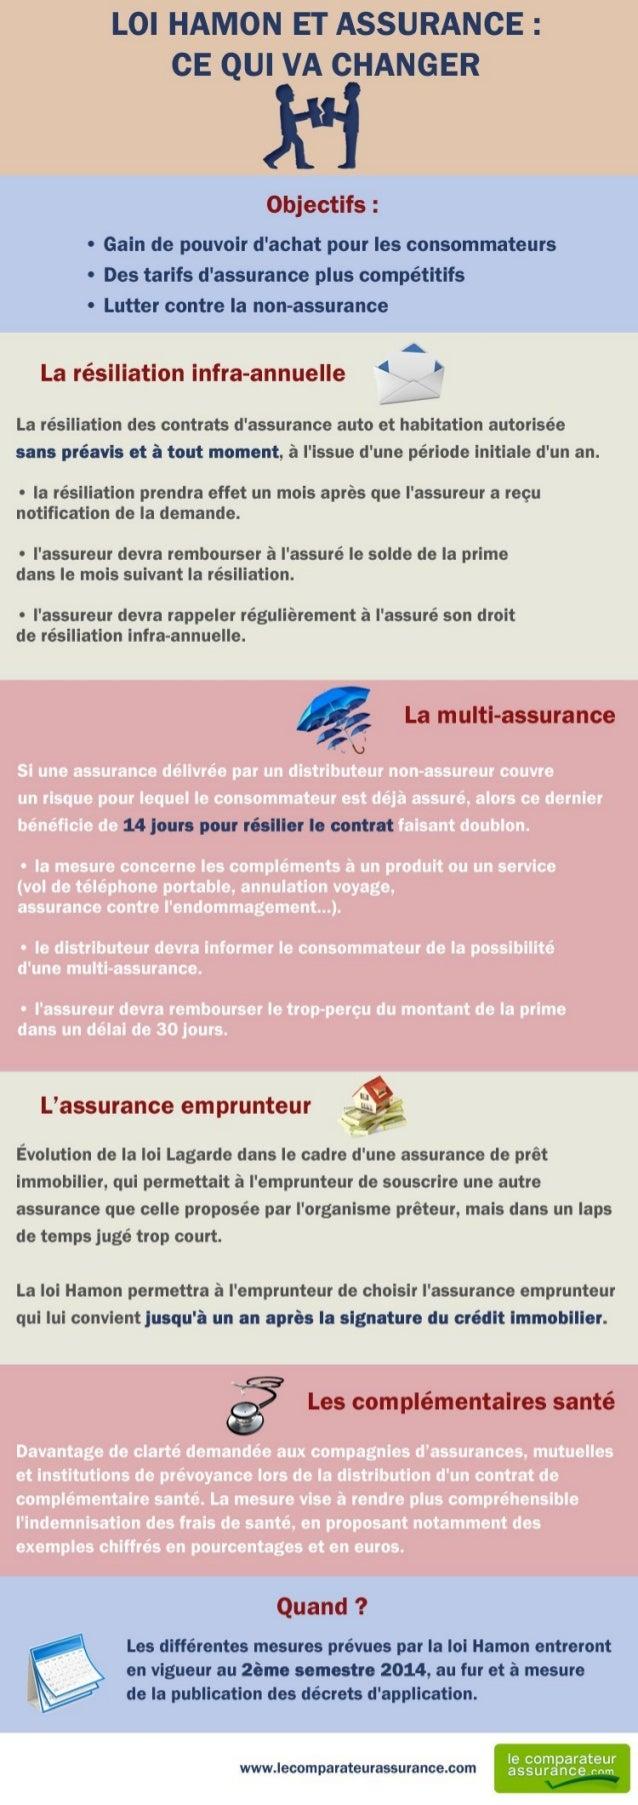 Infographie Loi Hamon et assurance